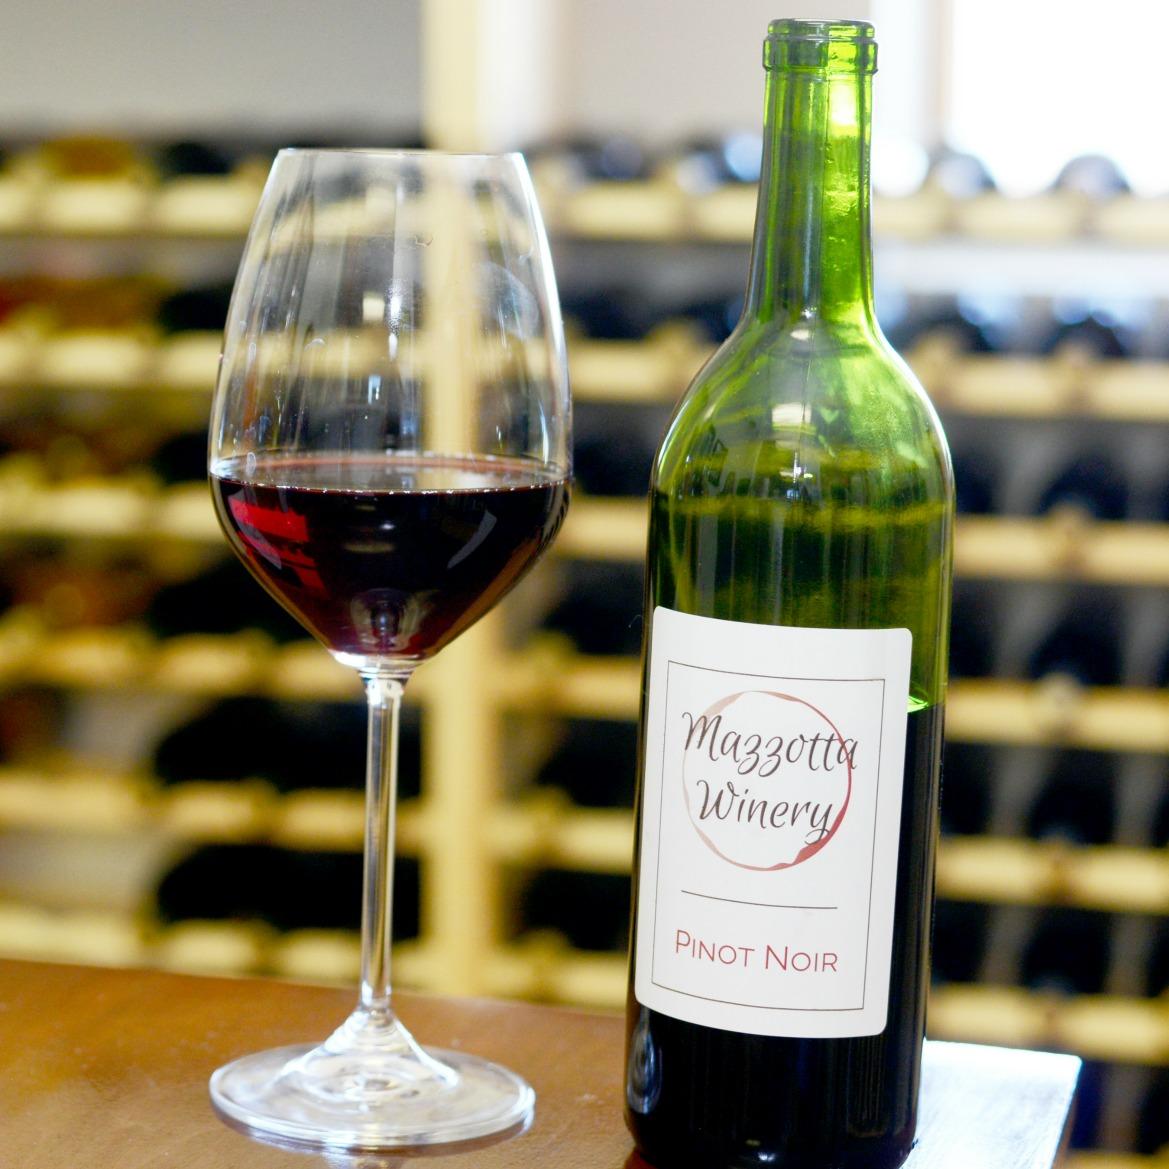 Mazzotta-Winery-Wine.jpg